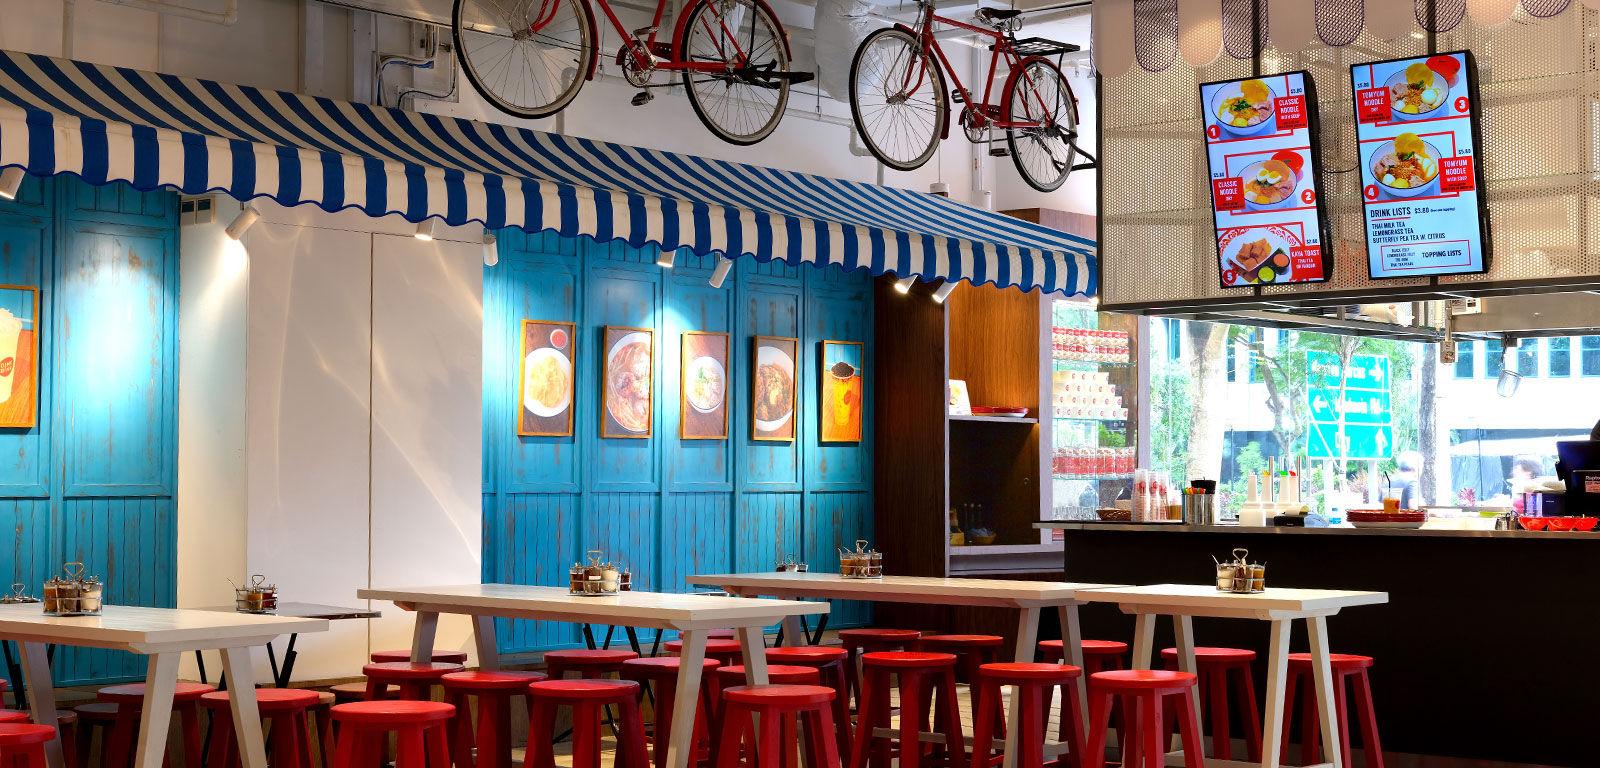 Dink Dink Thai Street Cafe